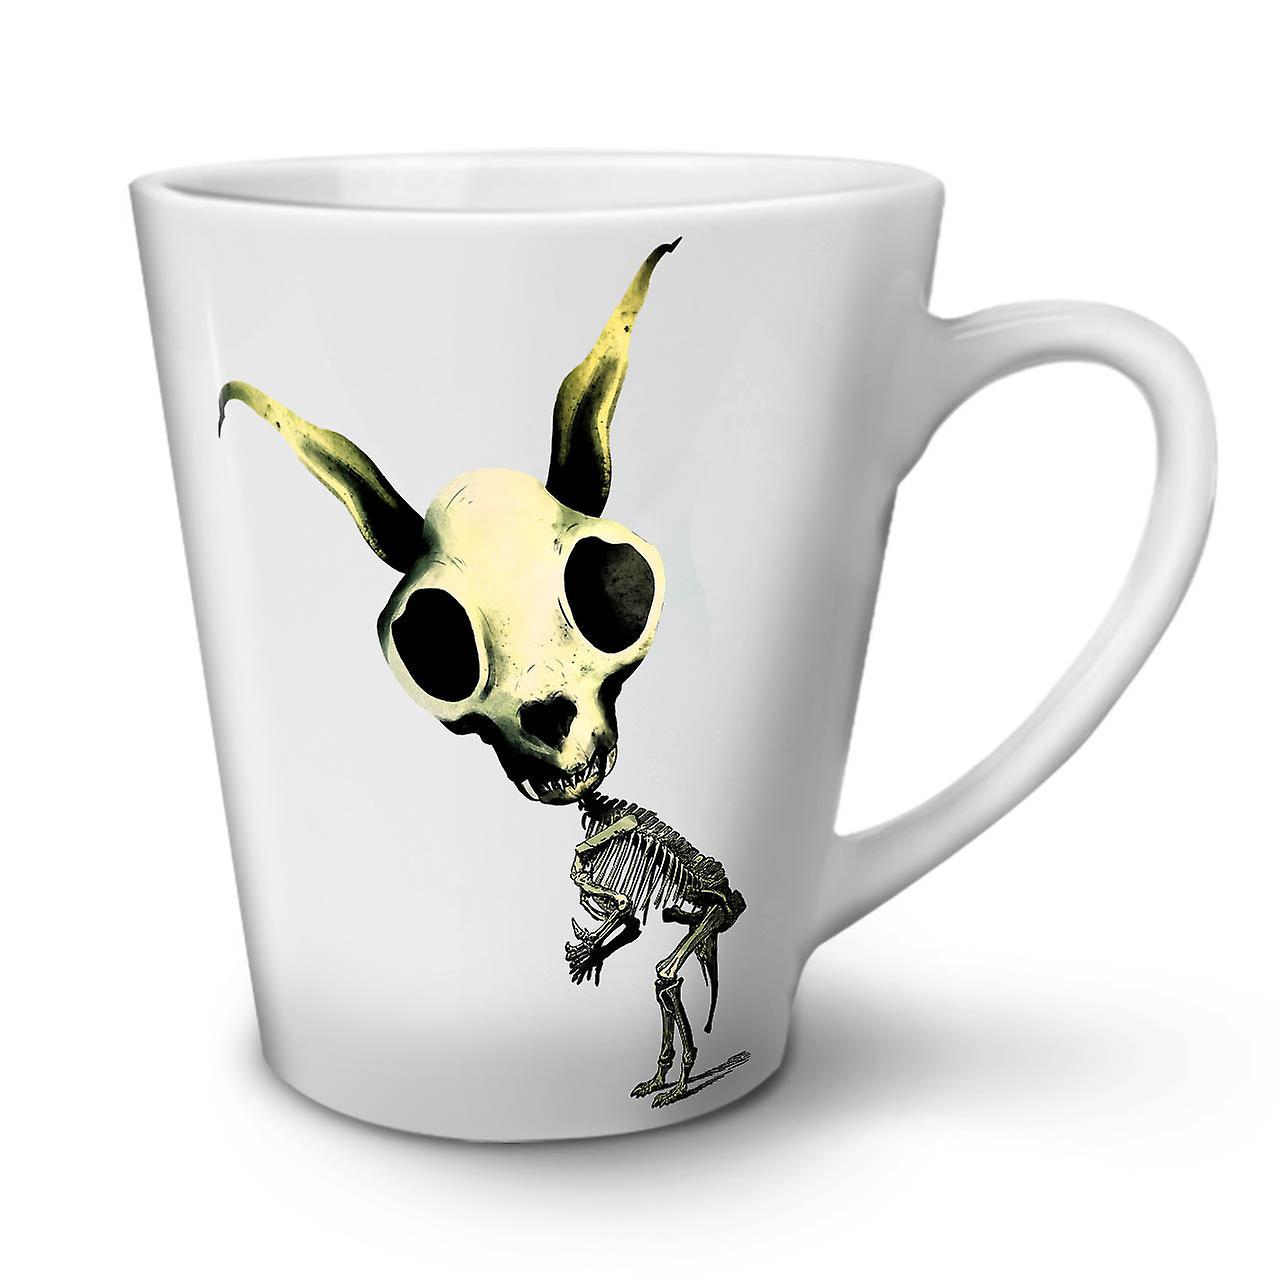 Nouvelle Café Latte Blanche Lapin La Tasse En 12 Mort Céramique OzWellcoda Affronter CxBsQthrod